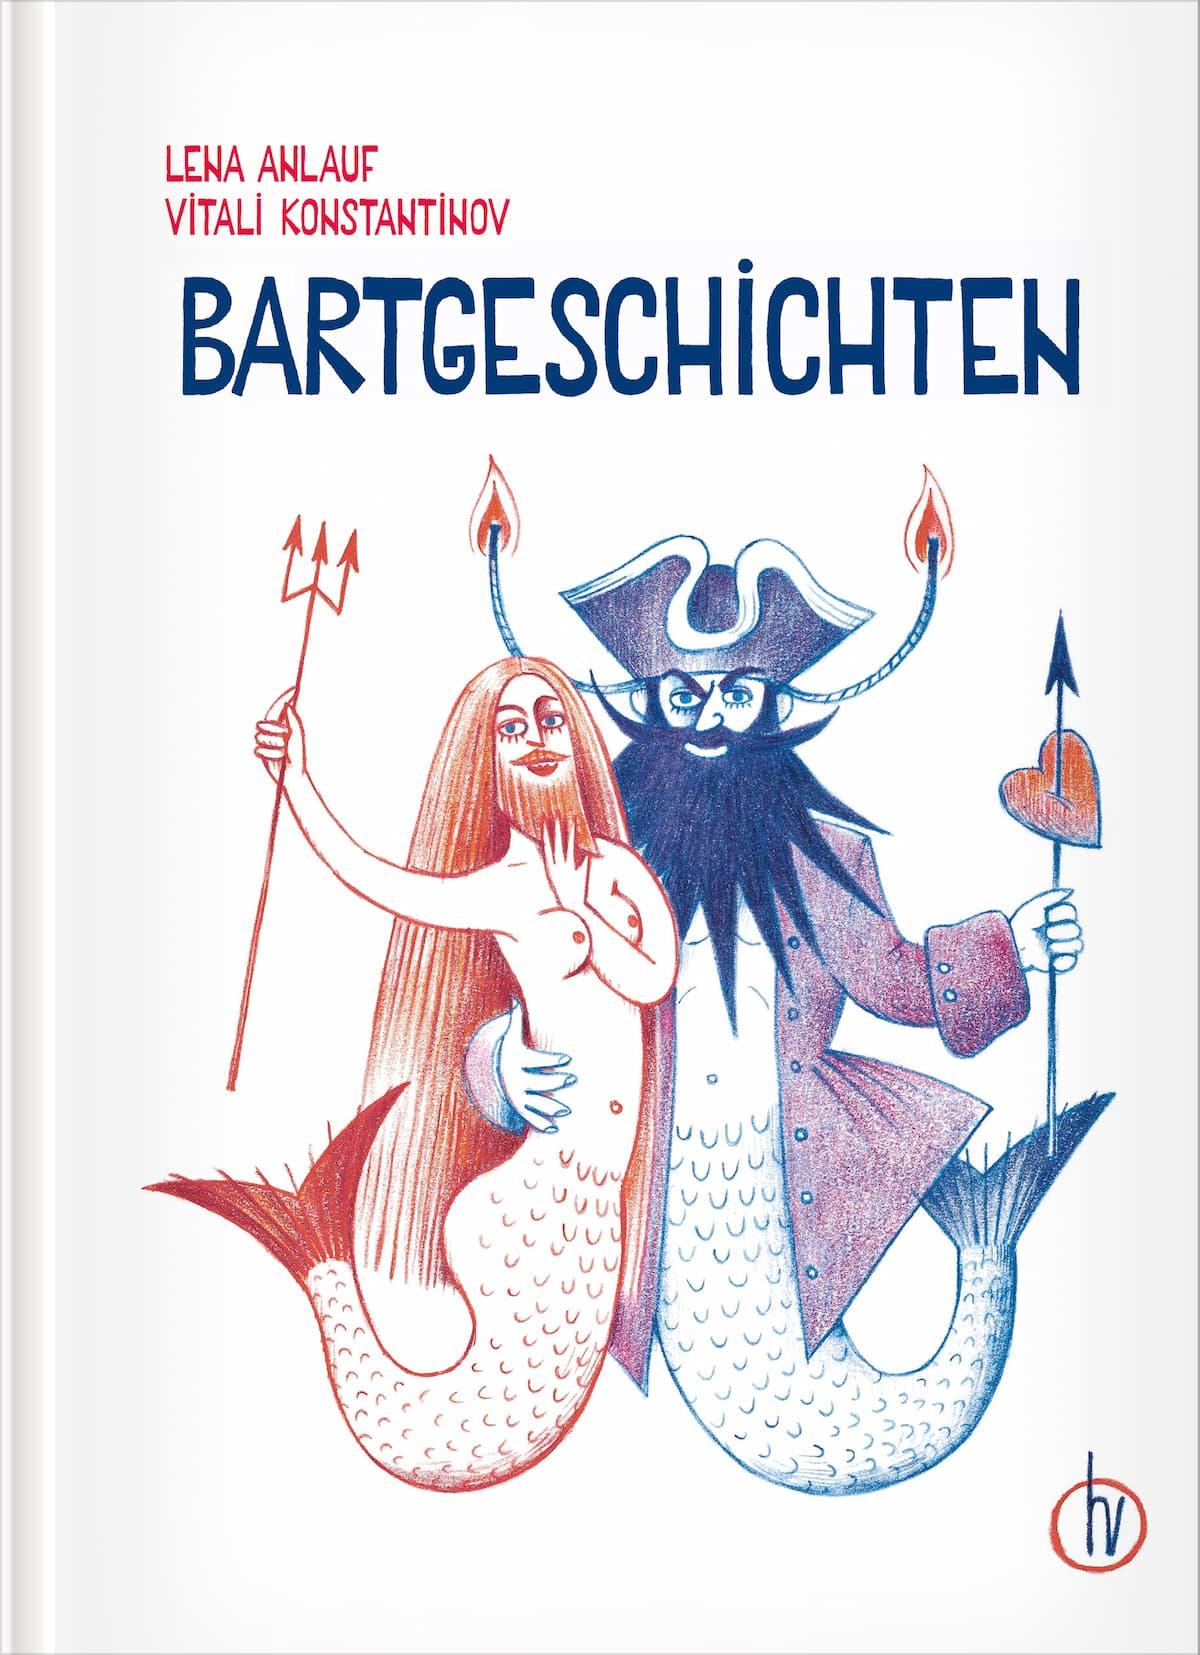 Bartgeschichten (b)ART– Wir feiern den Bart in Buch & Bild! | Literaturtipp